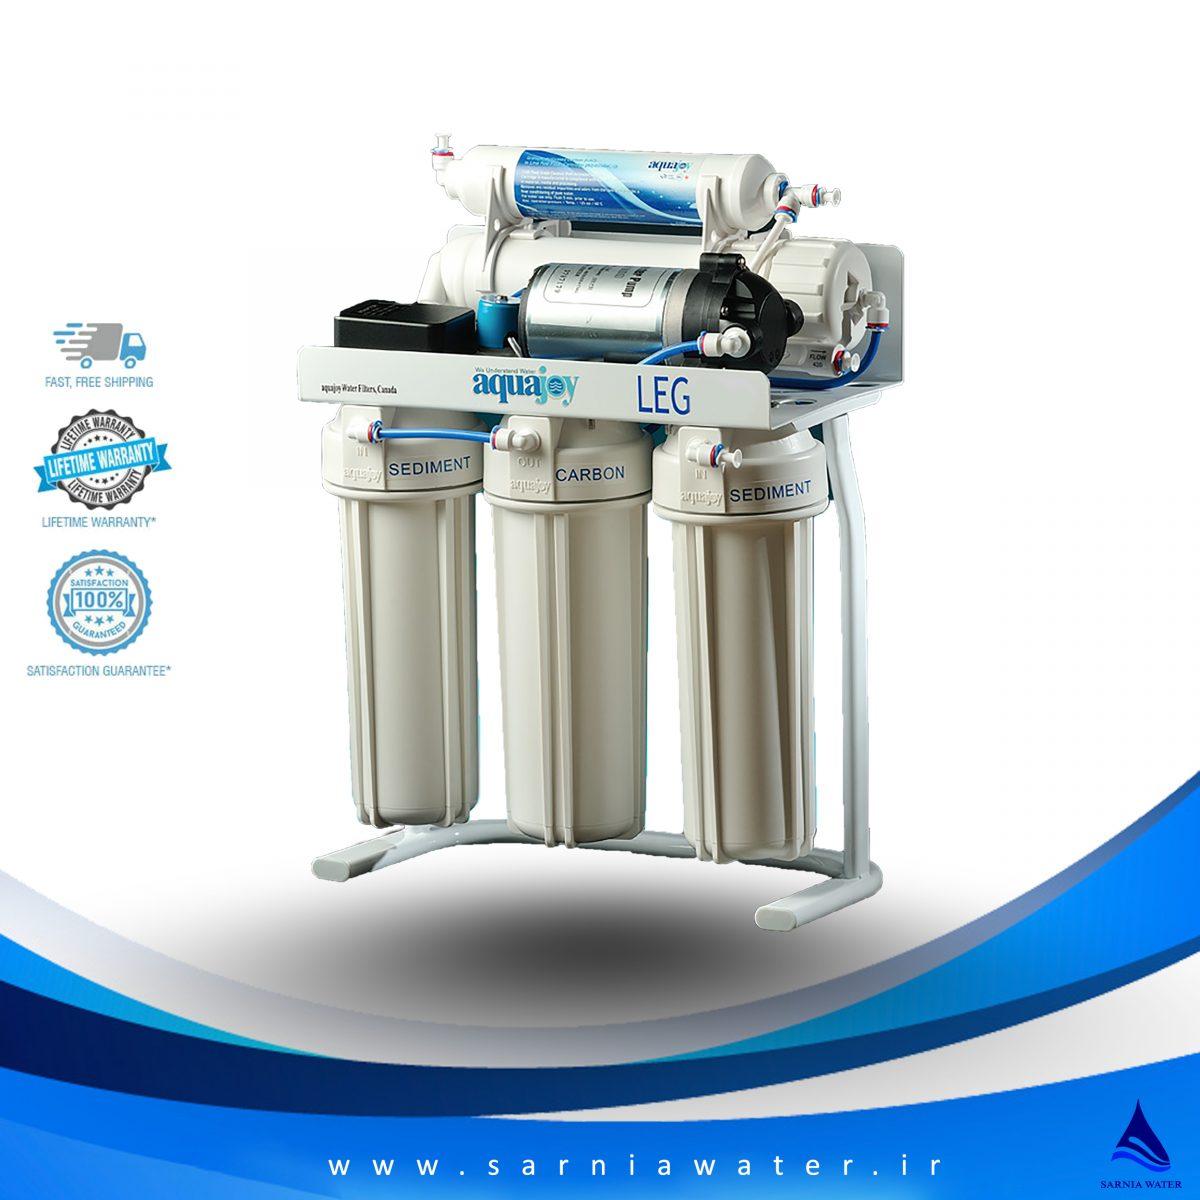 دستگاه تصفیه آب آکواجوی - دستگاه تصفیه آب خانگی - دستگاه تصفیه آب